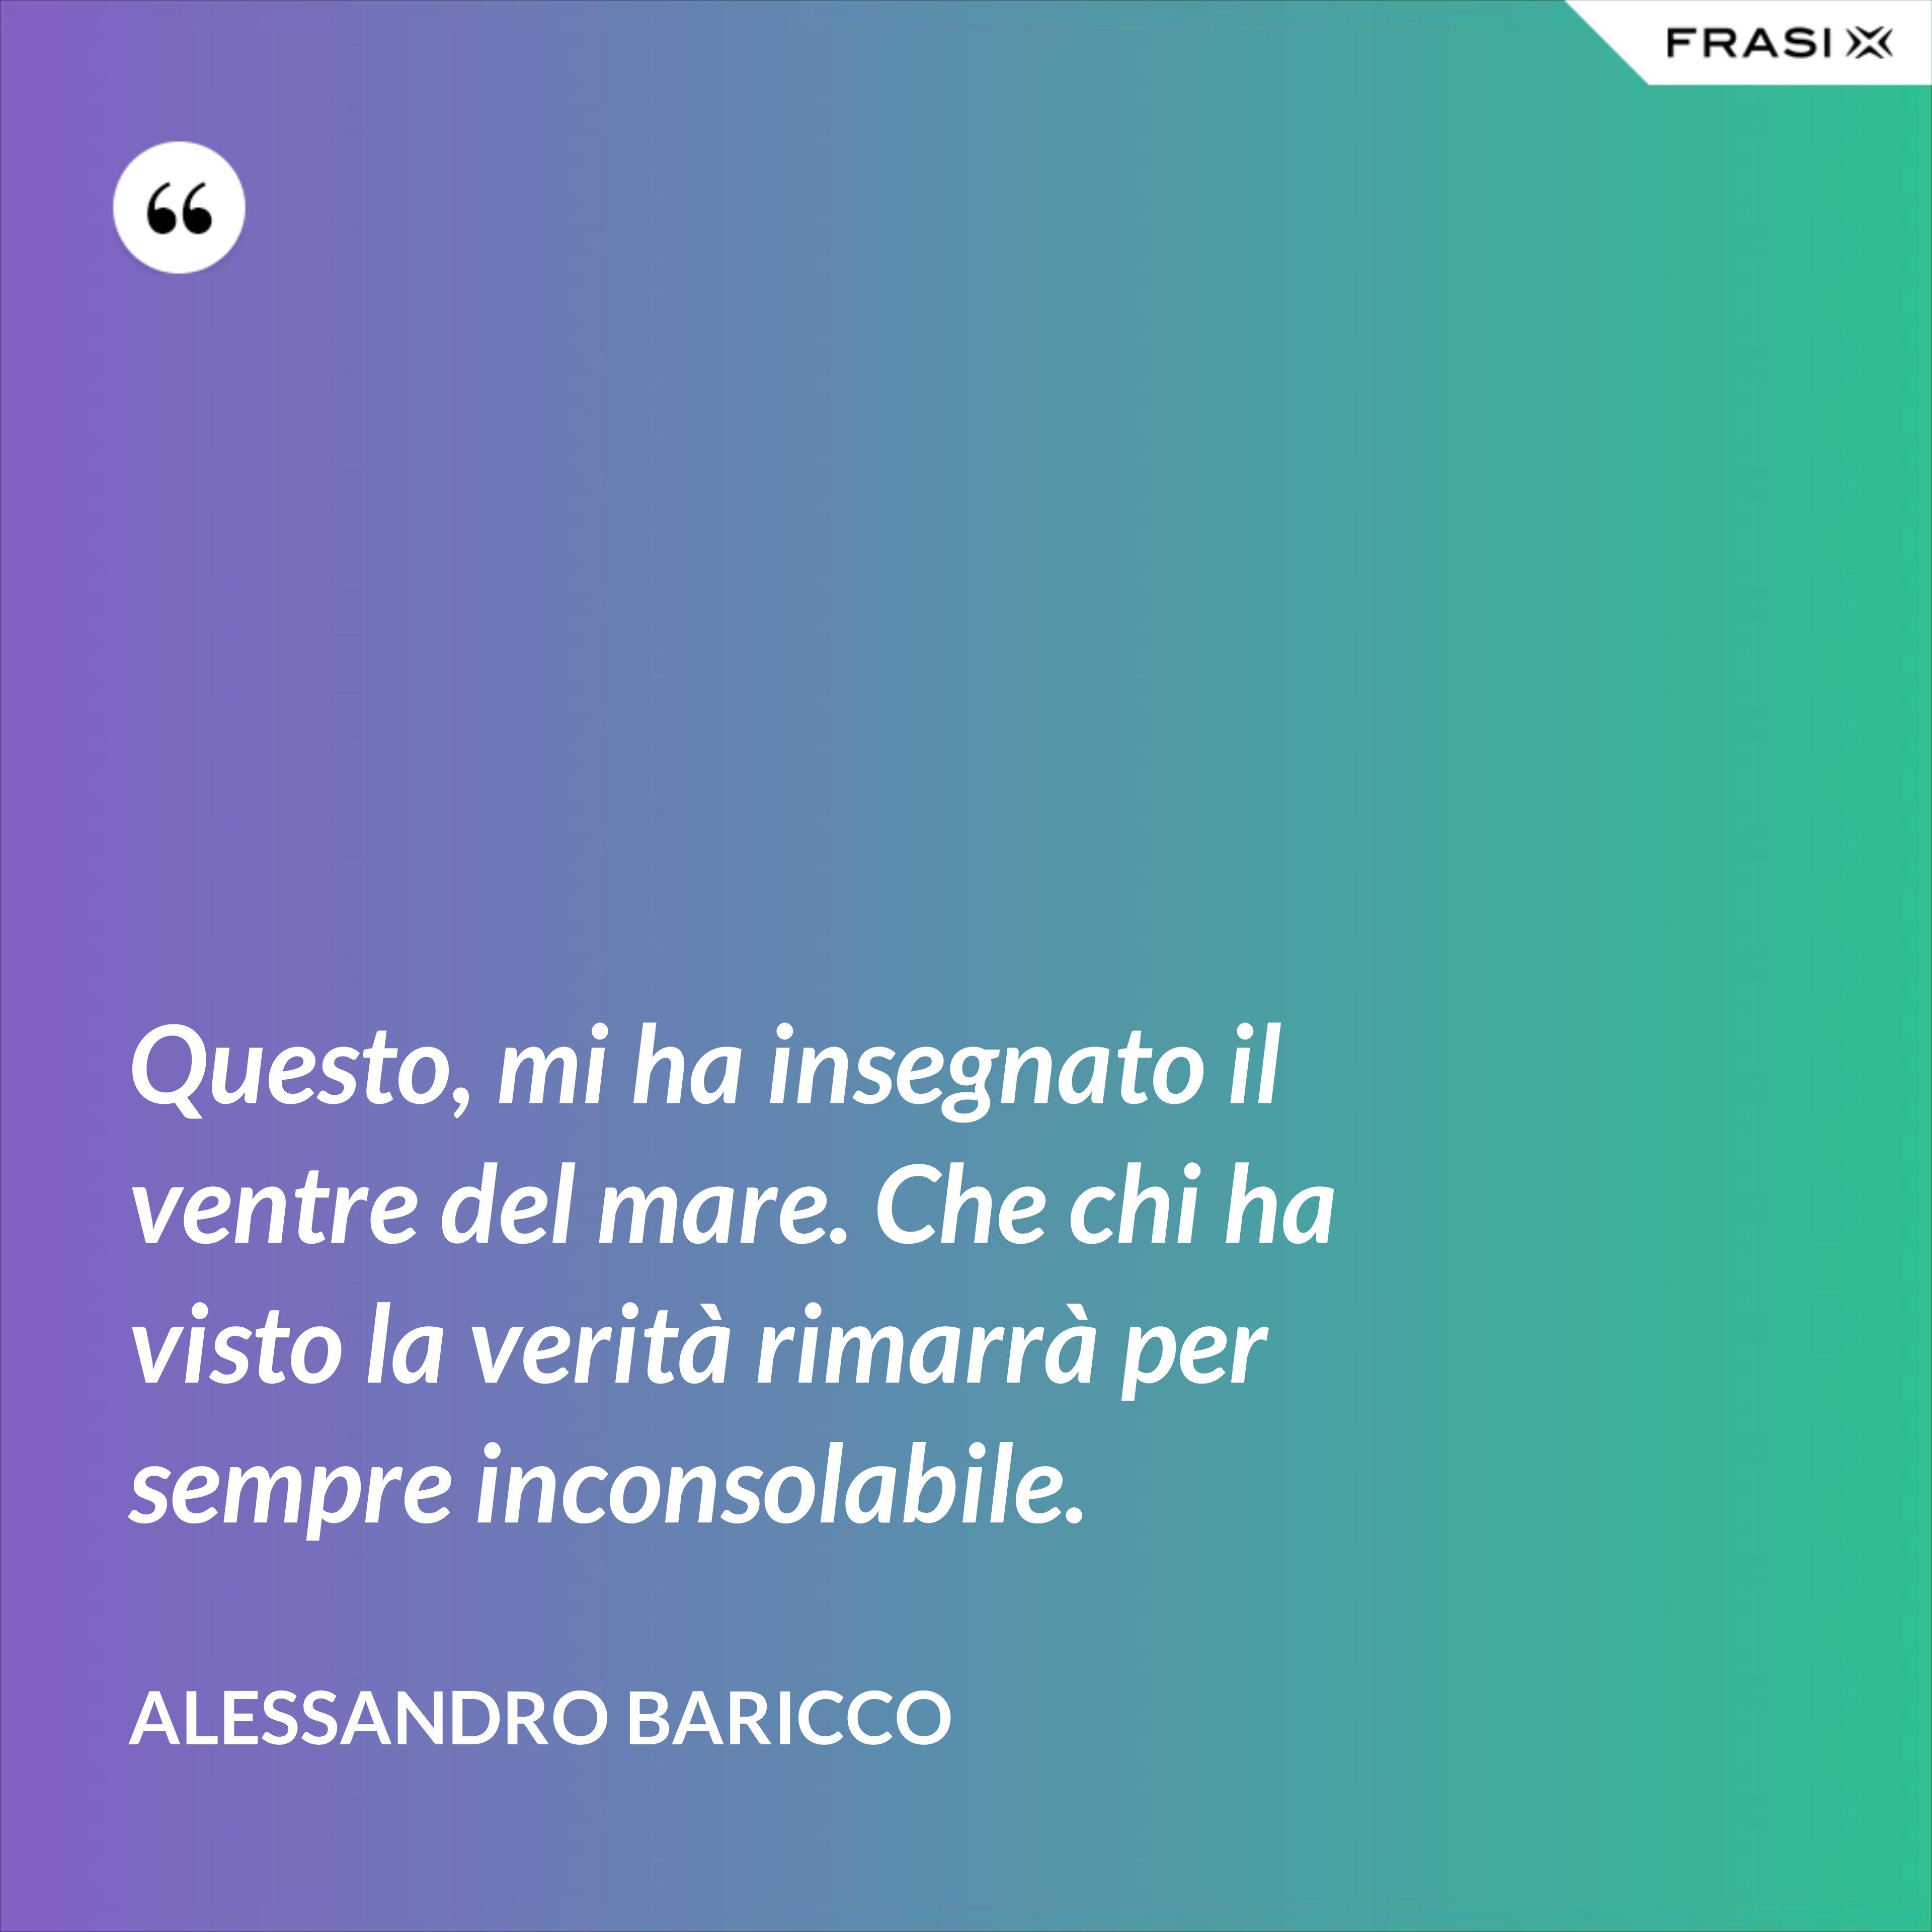 Questo, mi ha insegnato il ventre del mare. Che chi ha visto la verità rimarrà per sempre inconsolabile. - Alessandro Baricco